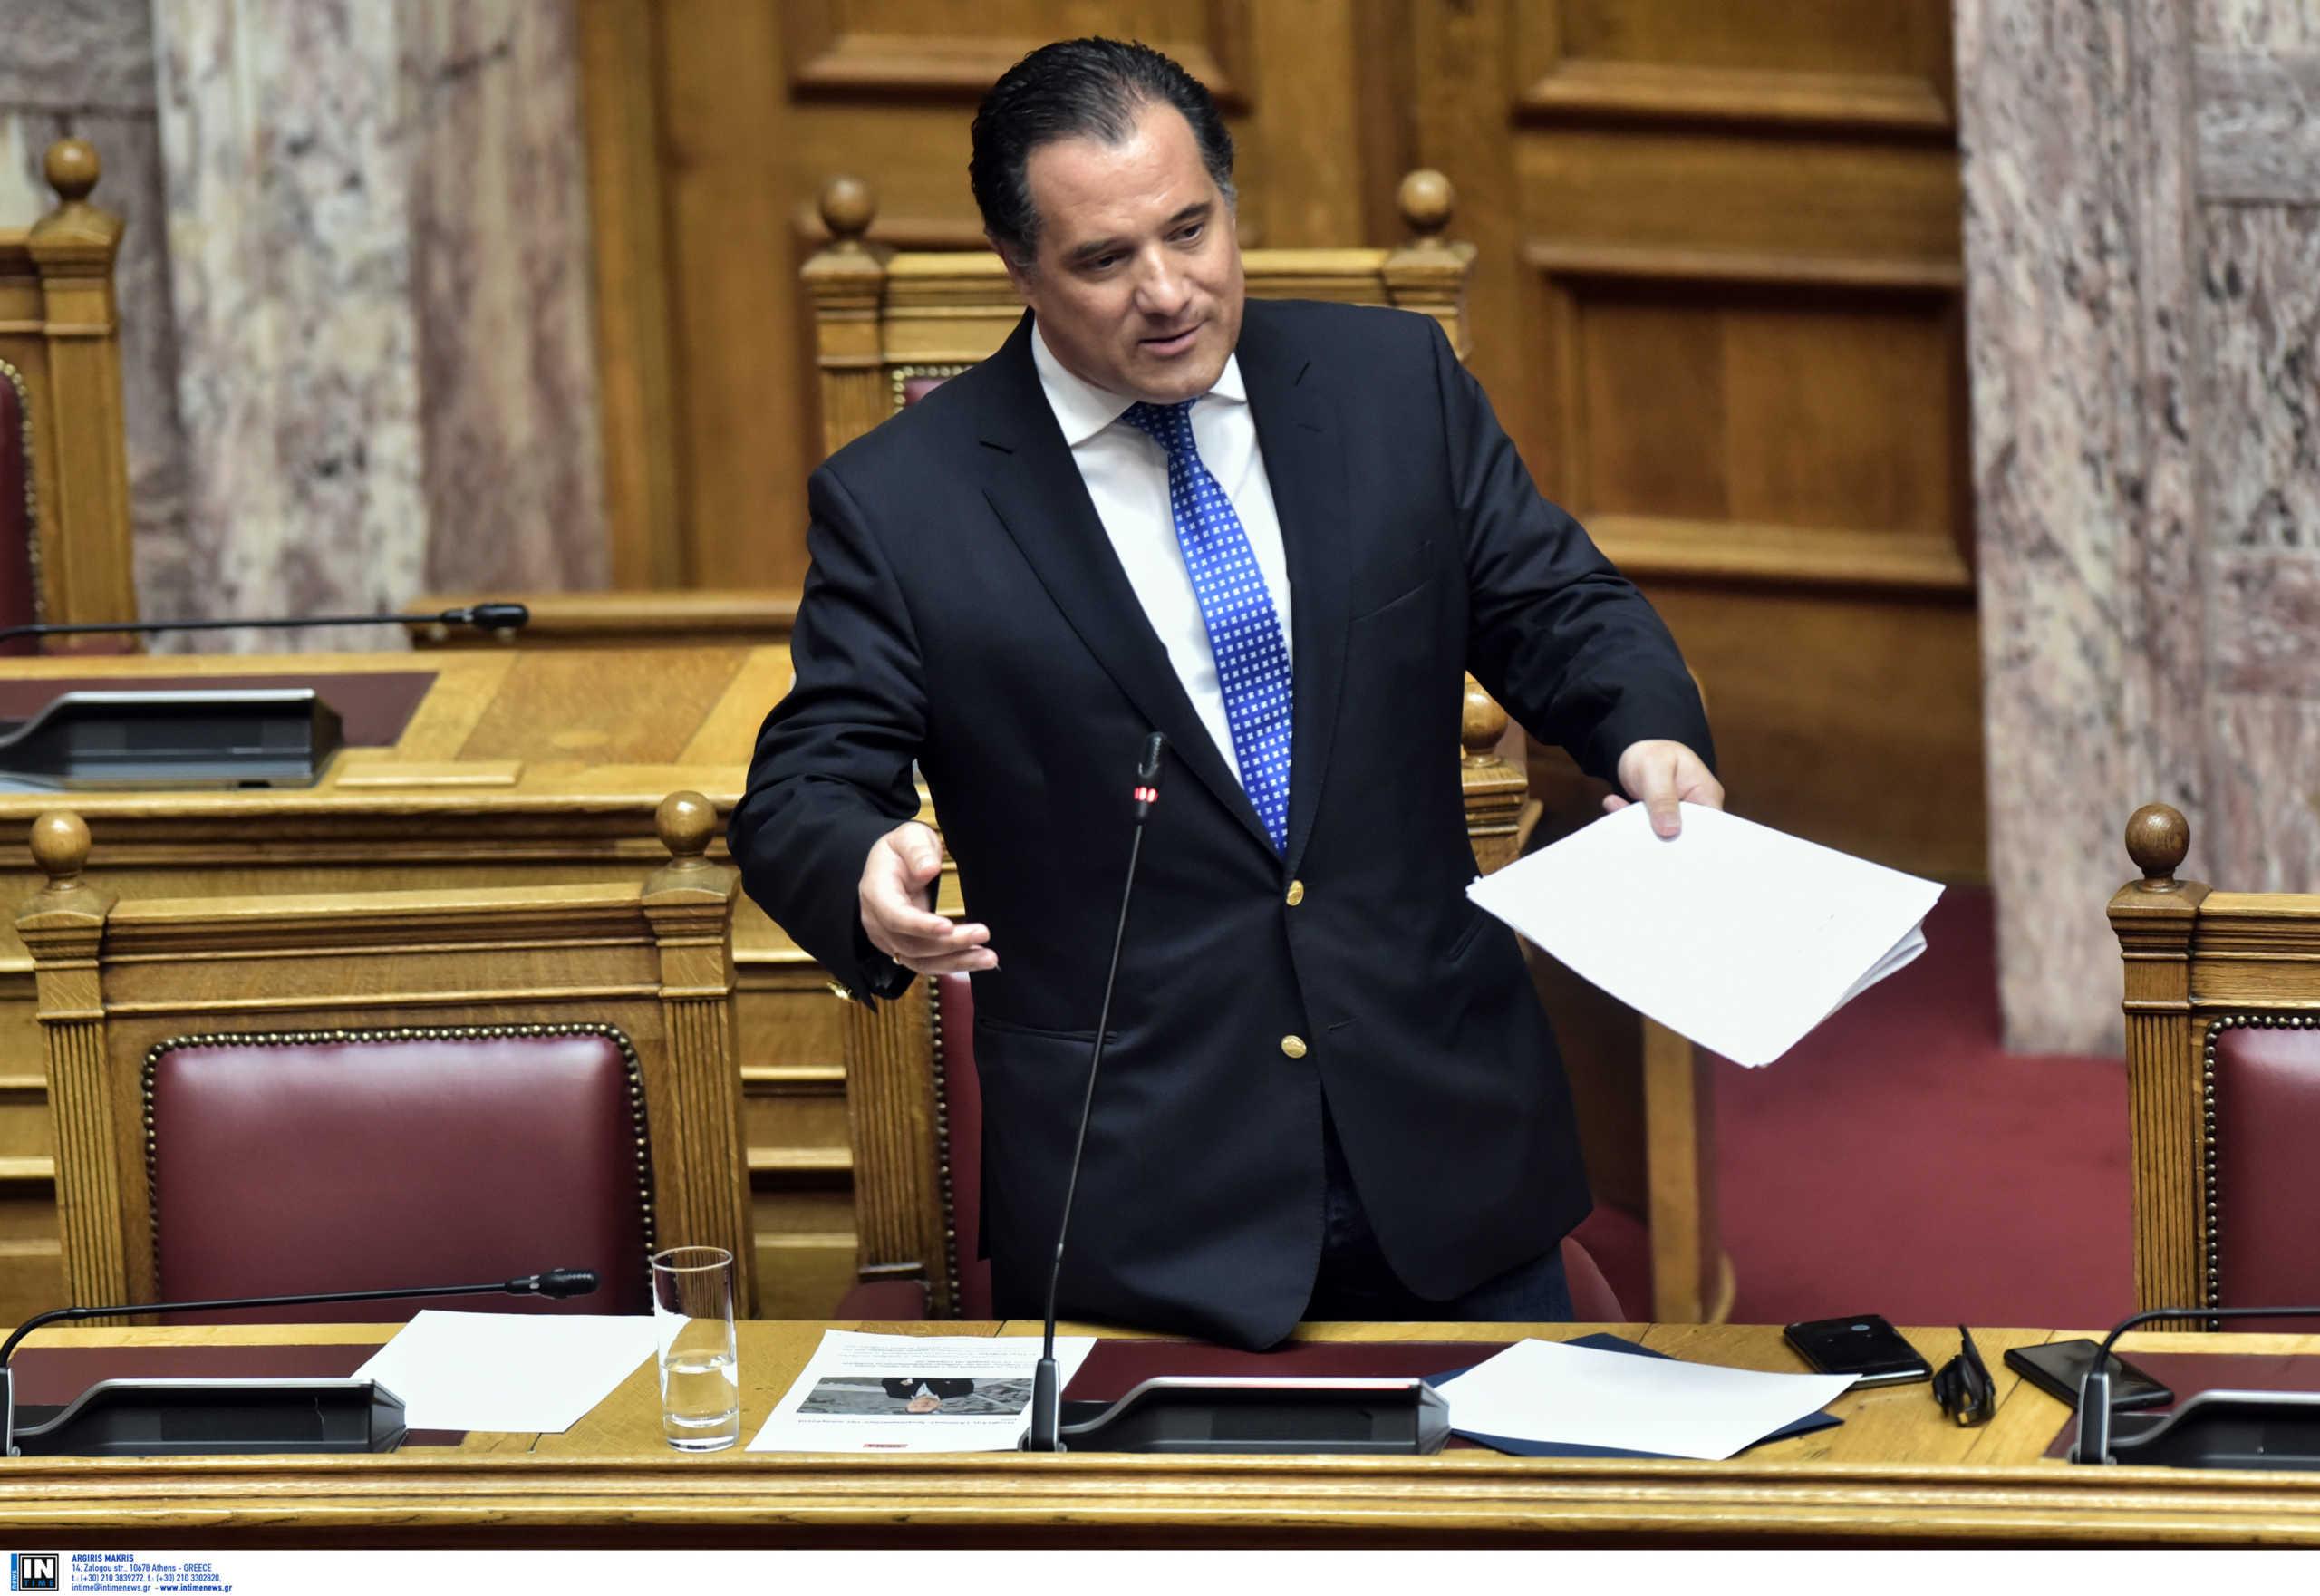 Γεωργιάδης: «Δεν παραχωρούμε στις ασφαλιστικές το μονομερές δικαίωμα της αναπροσαρμογής»